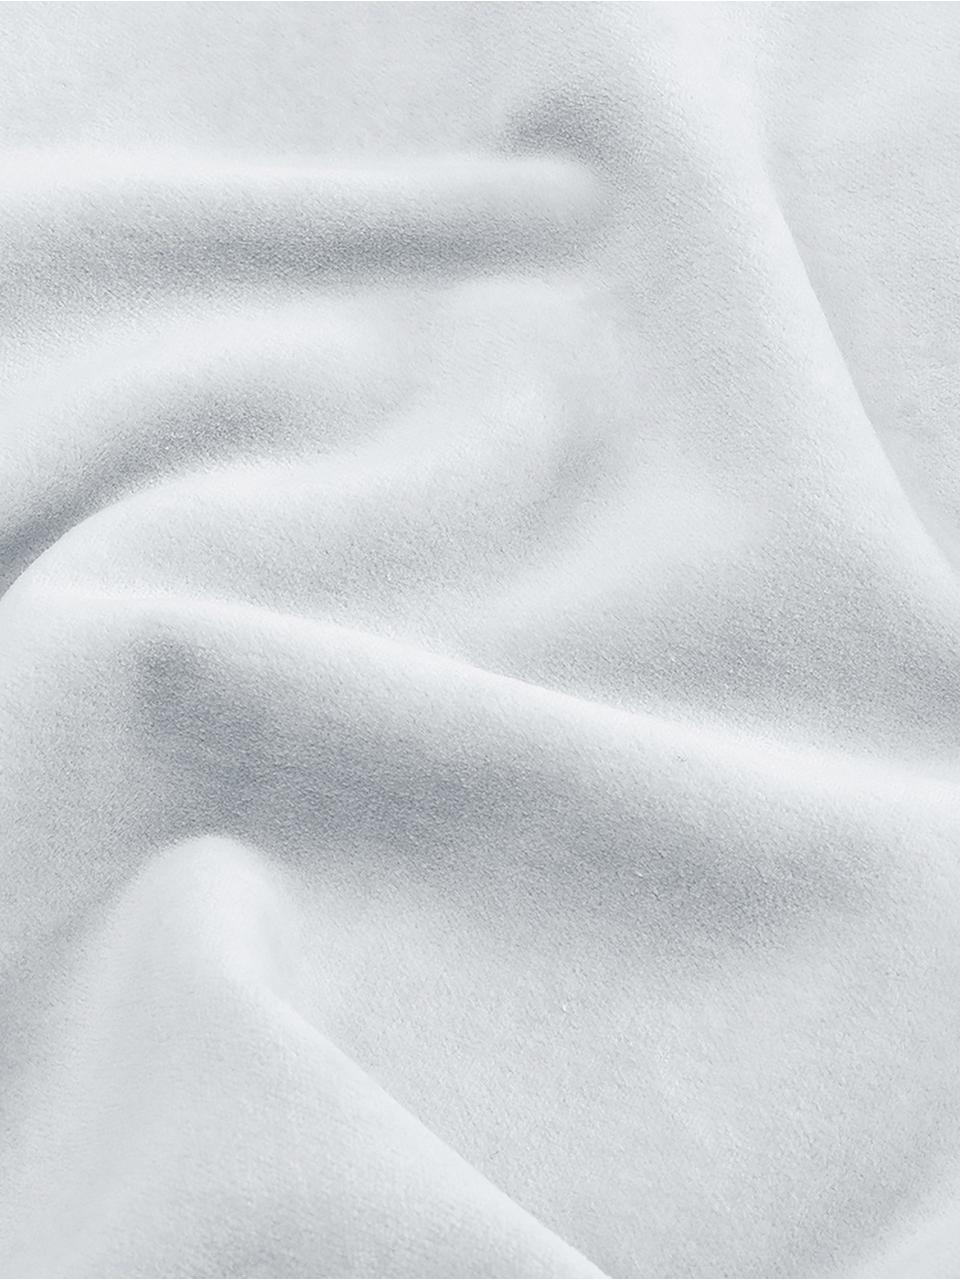 Poszewka na poduszkę z aksamitu Dana, 100% aksamit bawełniany, Jasny szary, S 50 x D 50 cm